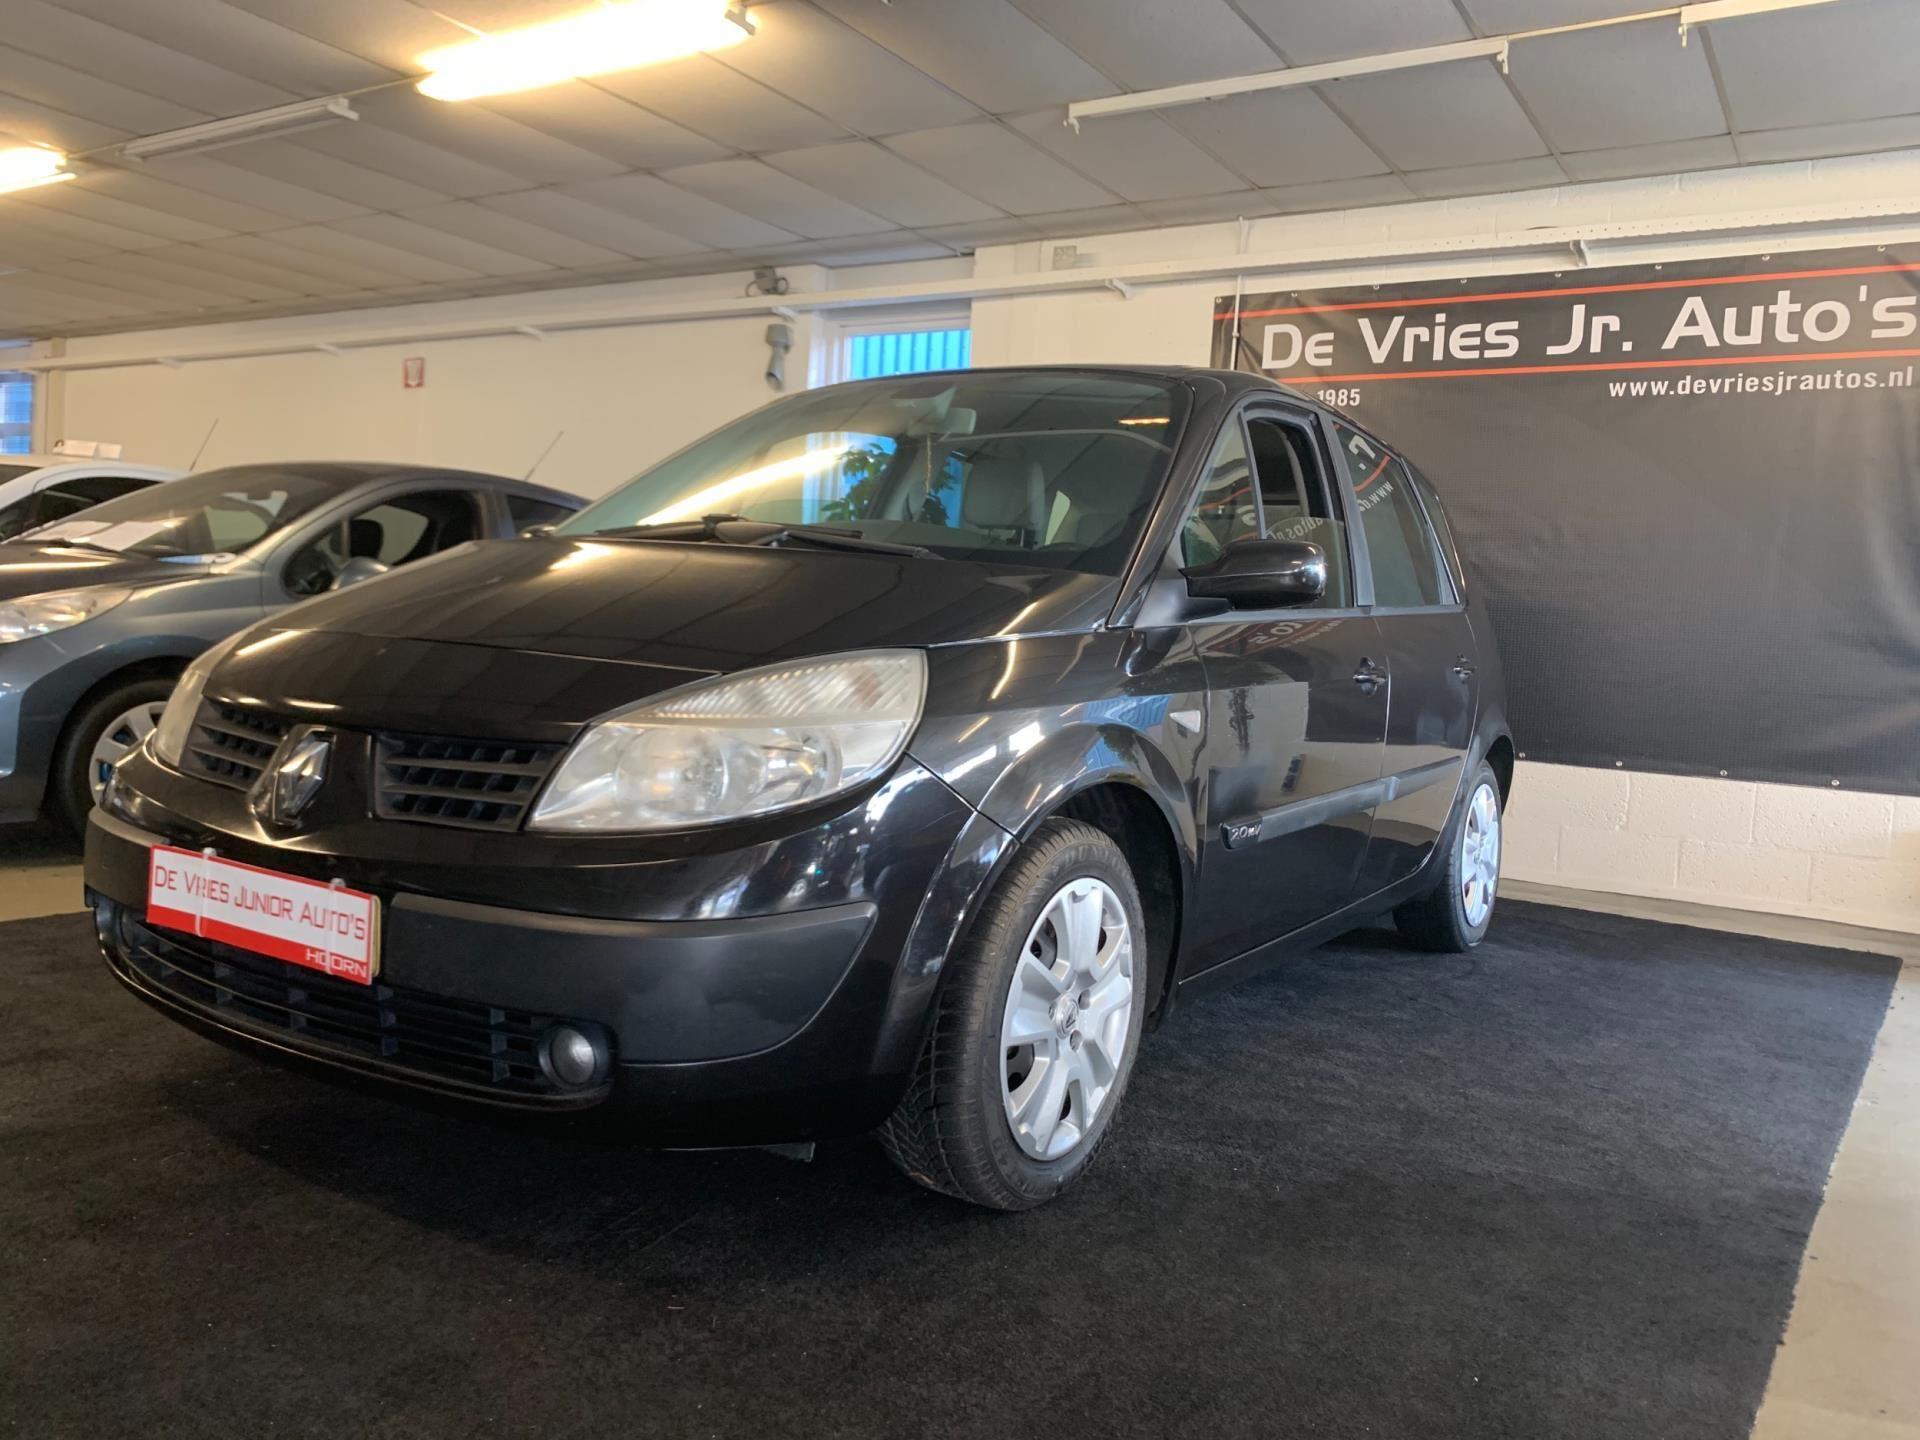 Renault Scénic occasion - De Vries Junior Auto's